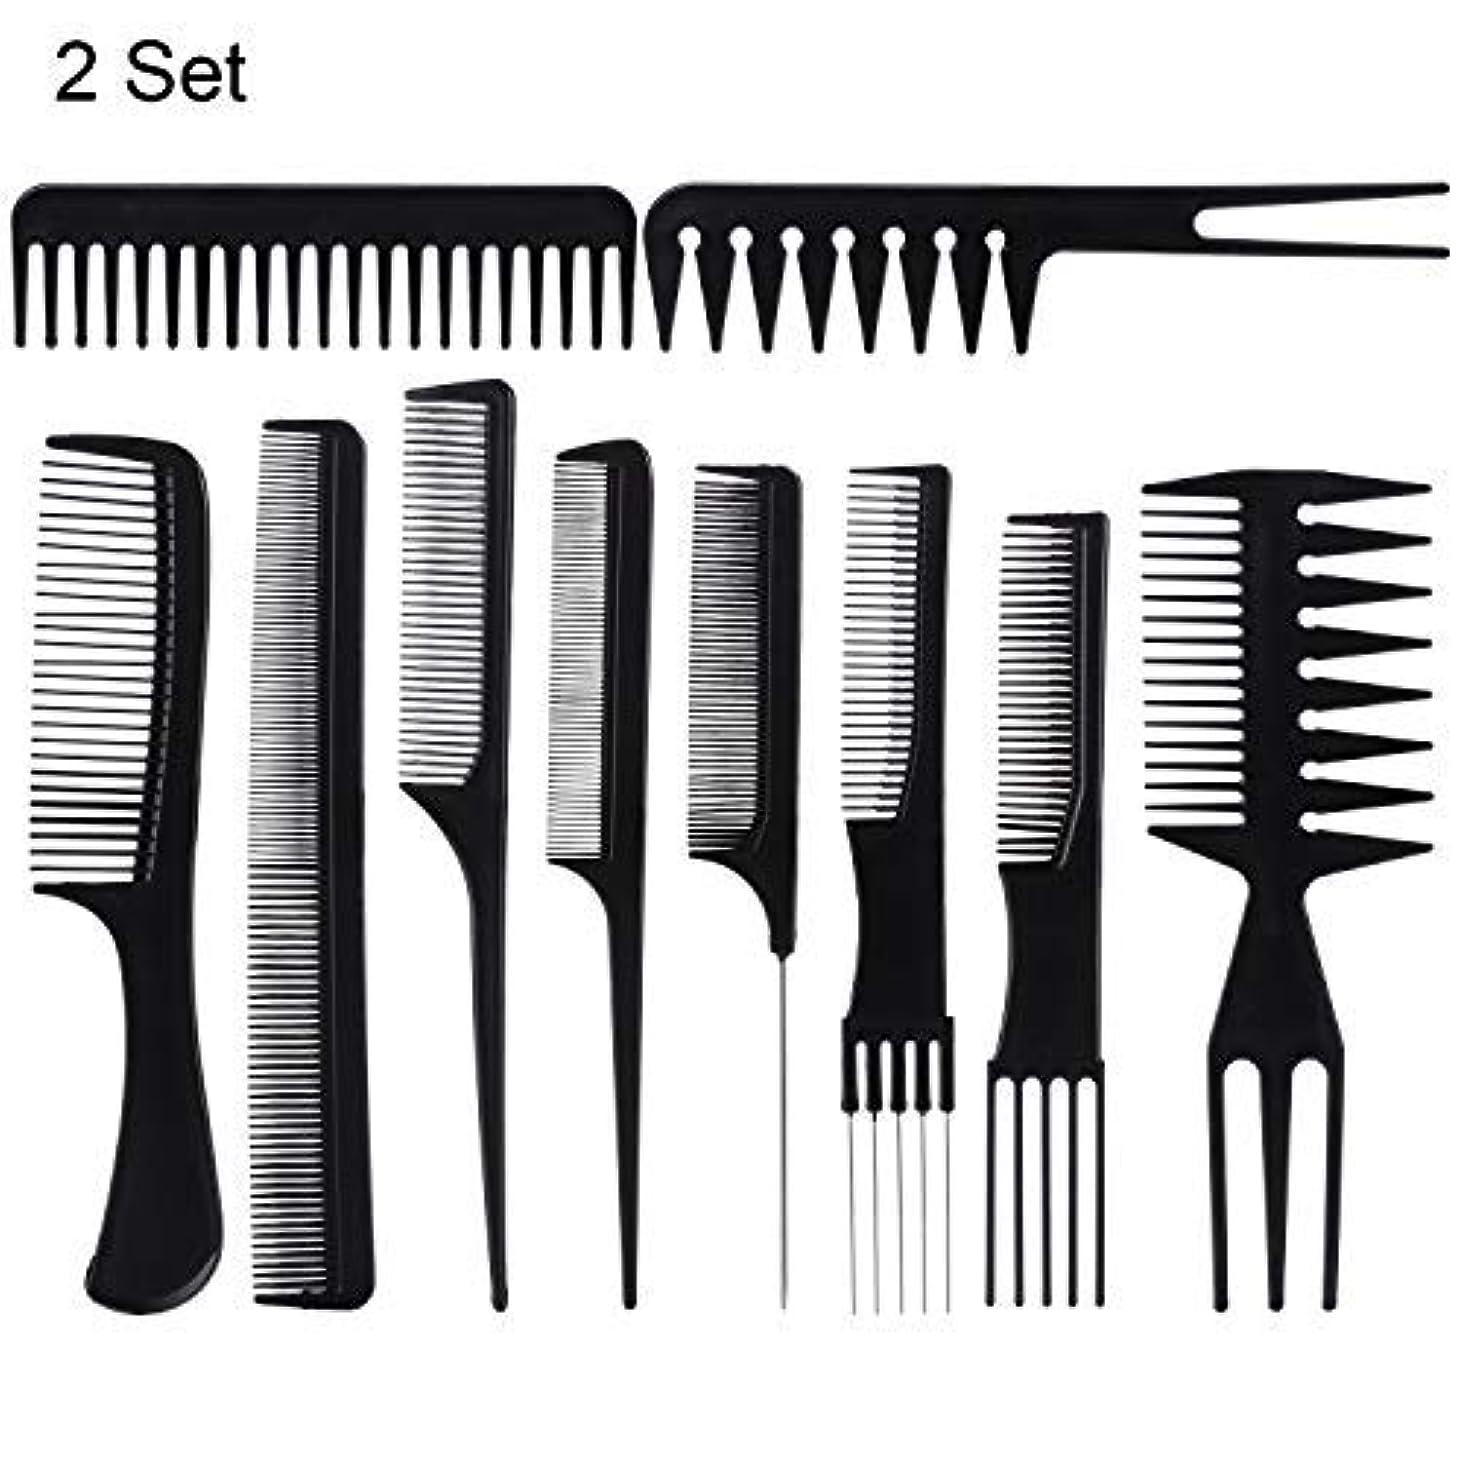 ロースト寛大さ水族館20 Piece Professional Styling Comb Set for Making hair style [並行輸入品]